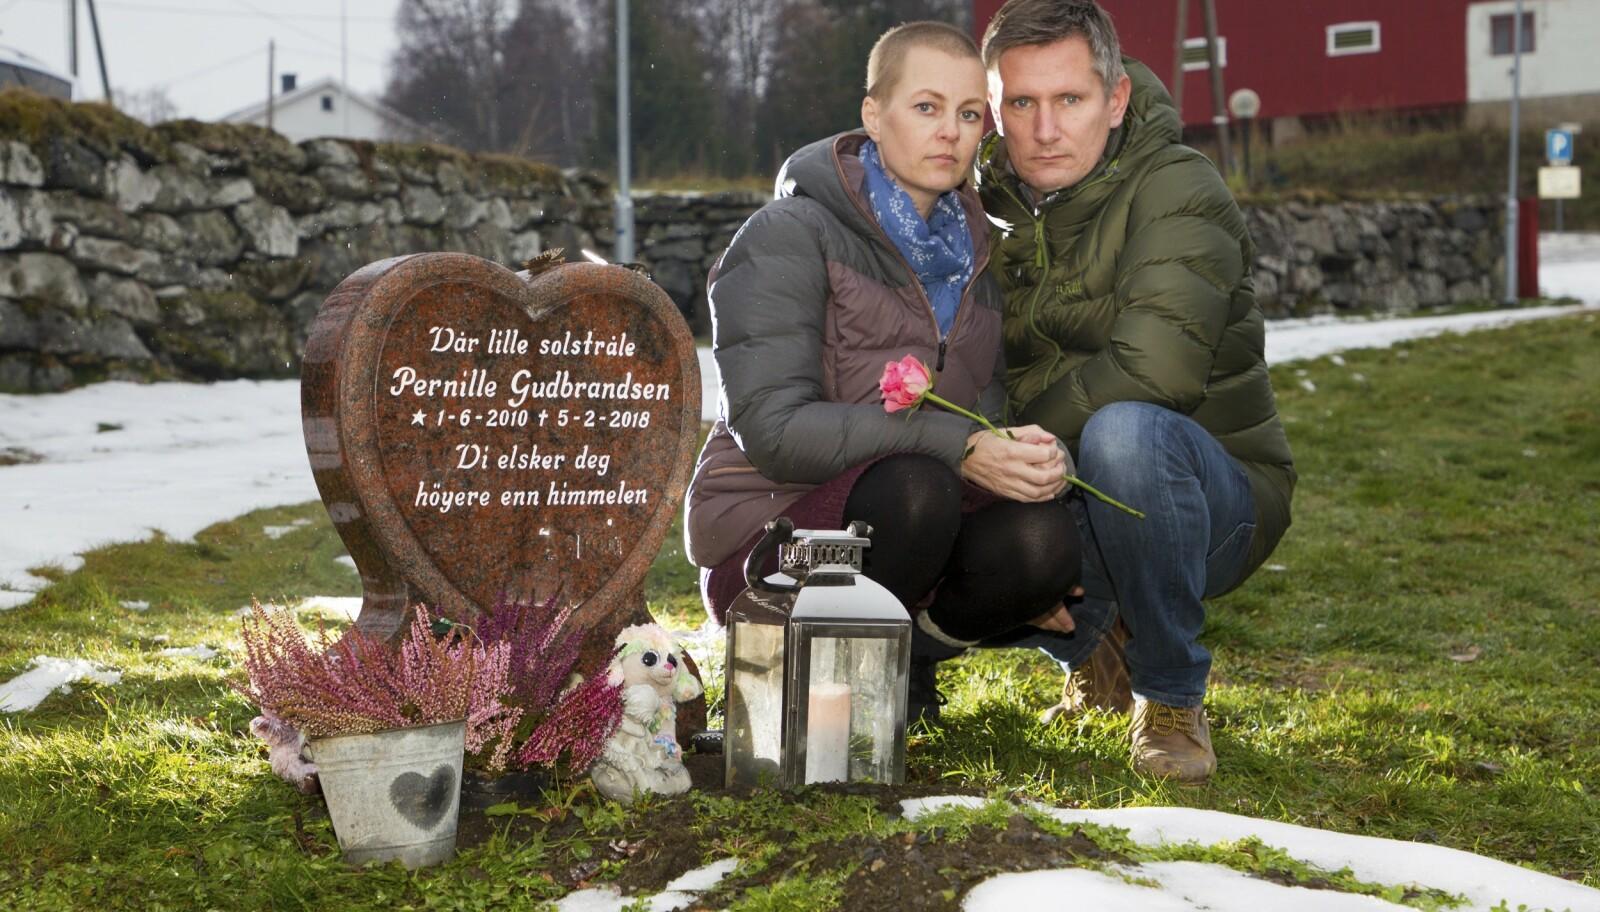 TENTE LYS: Gravsteinen til Pernille er formet som et hjerte. Anne og Ove besøkte gravstedet henne hver eneste dag. «Vi elsker deg høyere enn himmelen», står det på gravsteinen.